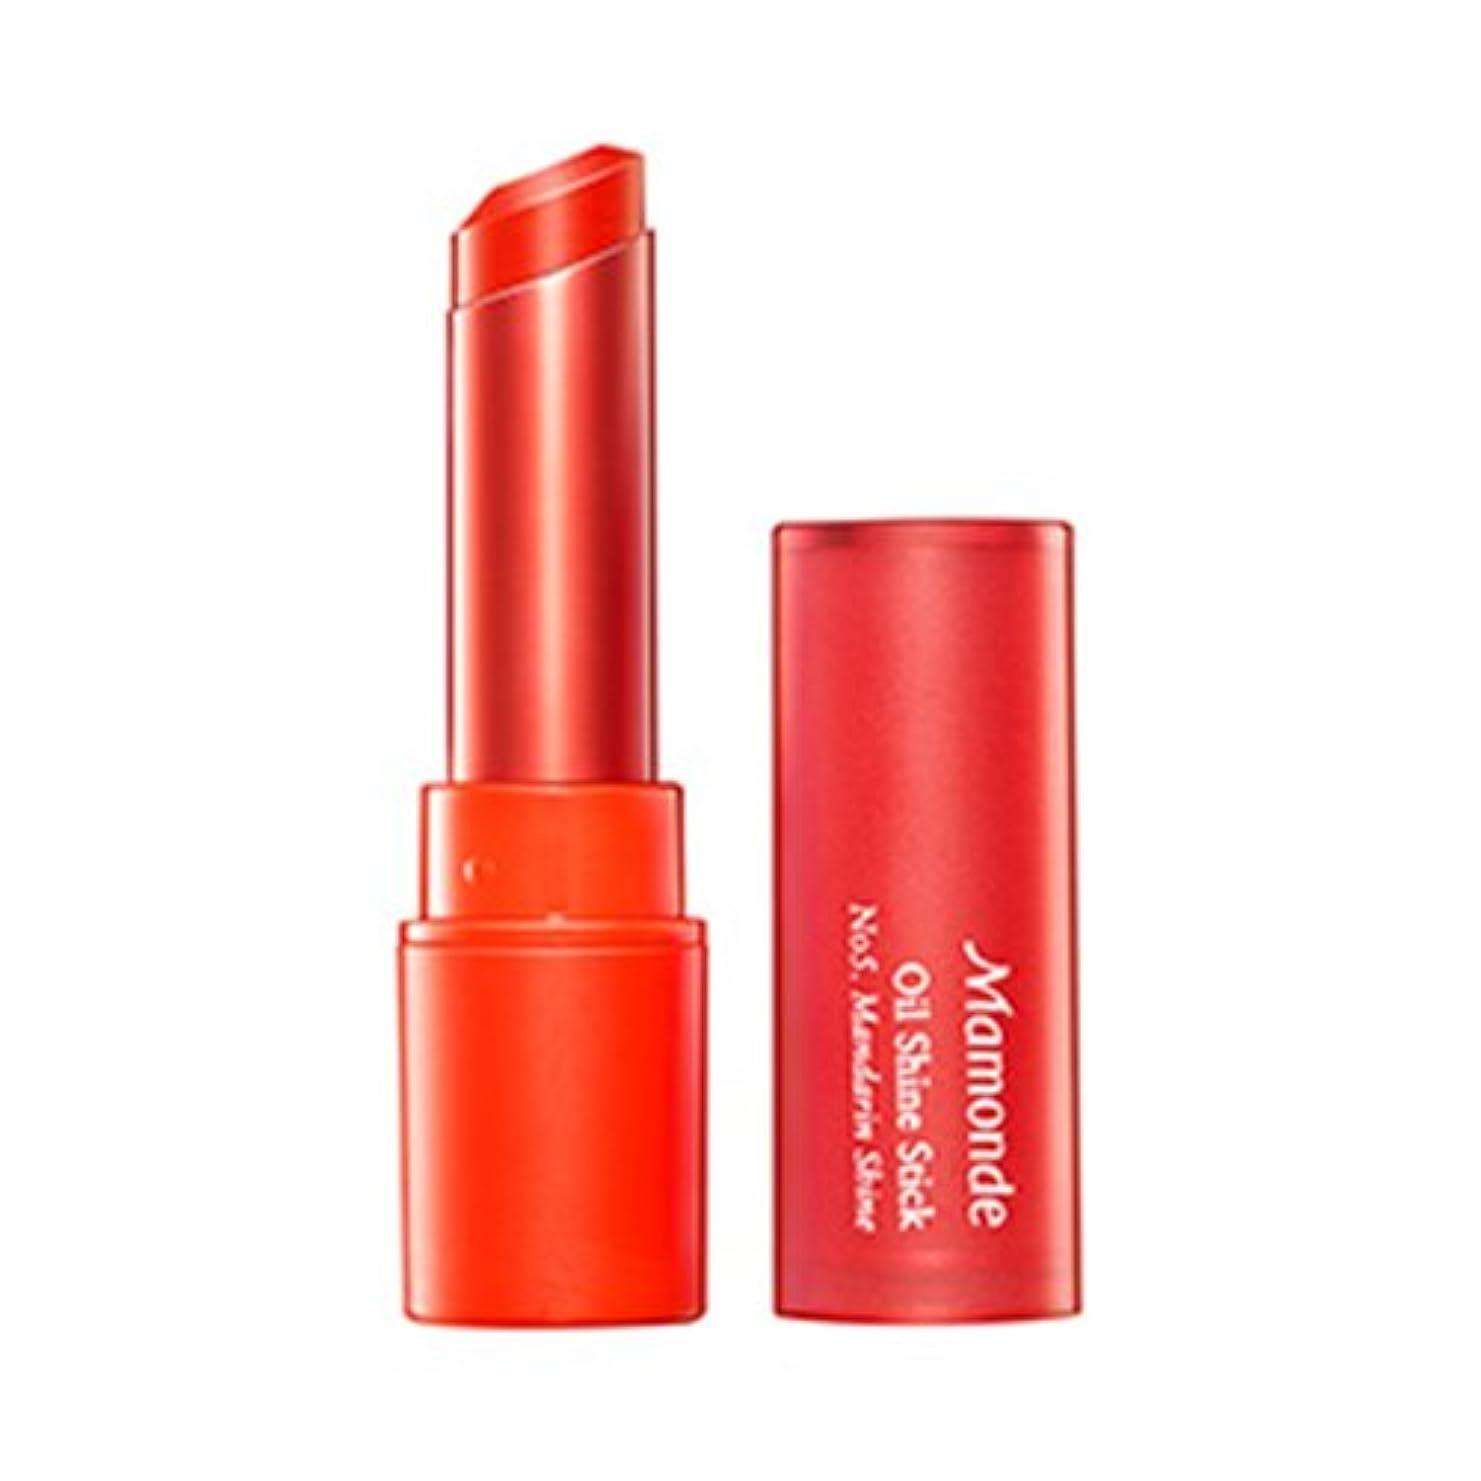 モザイク登録するアルカイック[New] Mamonde Oil Shine Stick 3.4g/マモンド オイル シャイン スティック 3.4g (#5 Mandarine Shine) [並行輸入品]